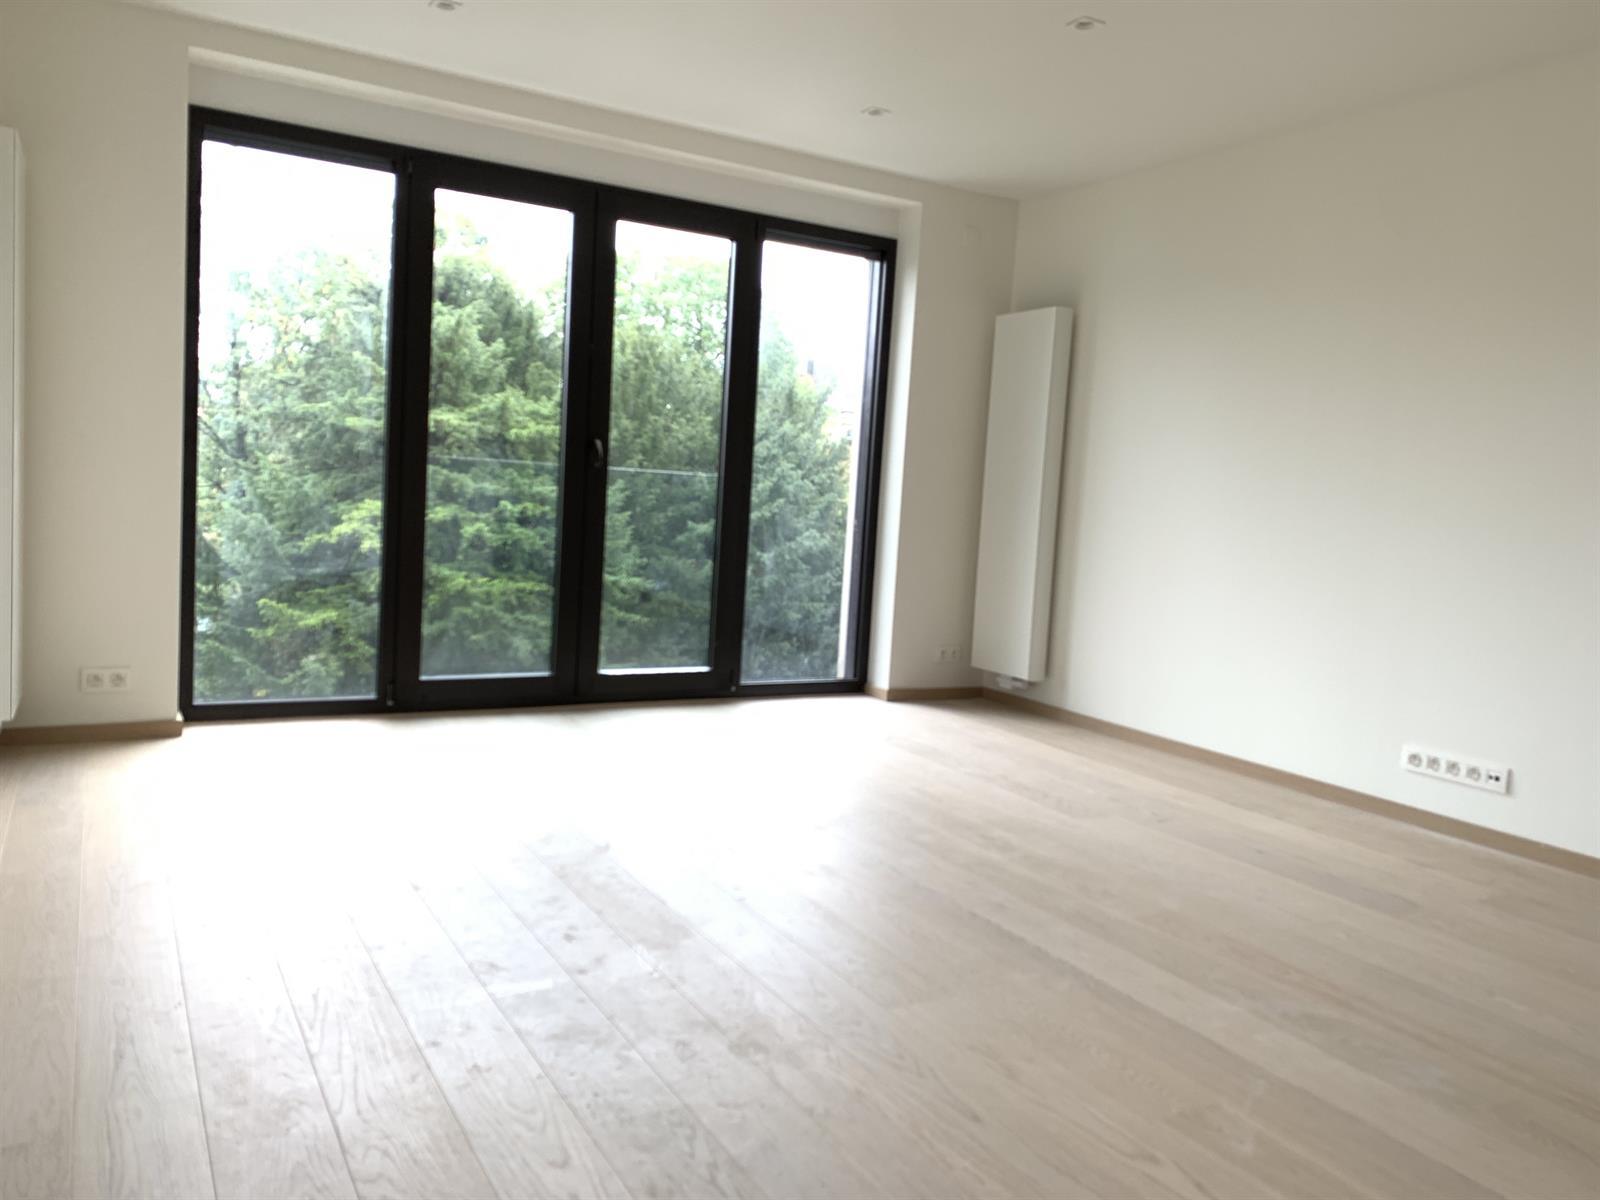 Flat - Ixelles - #4372458-3